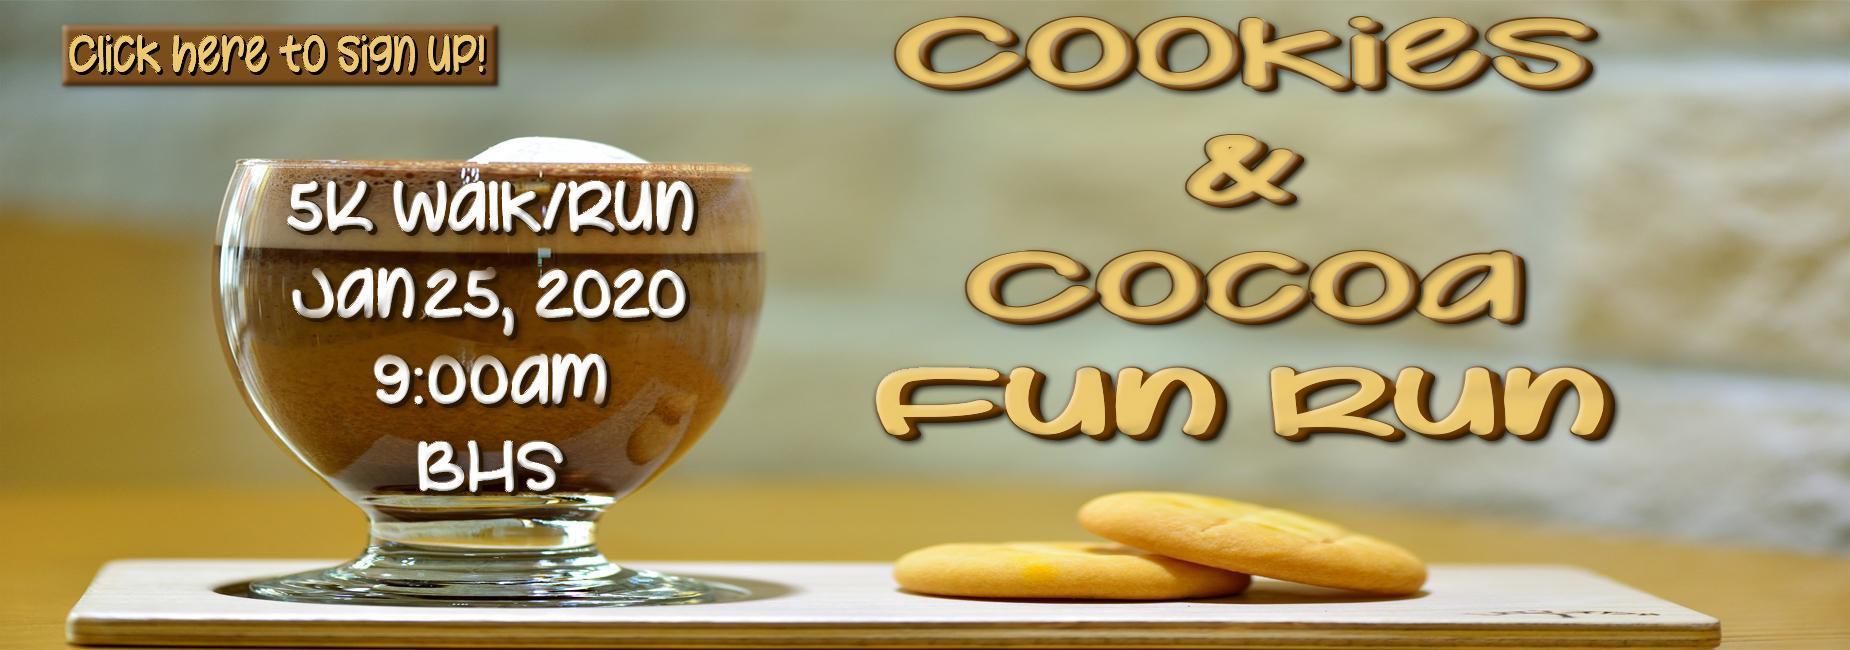 Cookies and Cocoa Fun Run January 25th